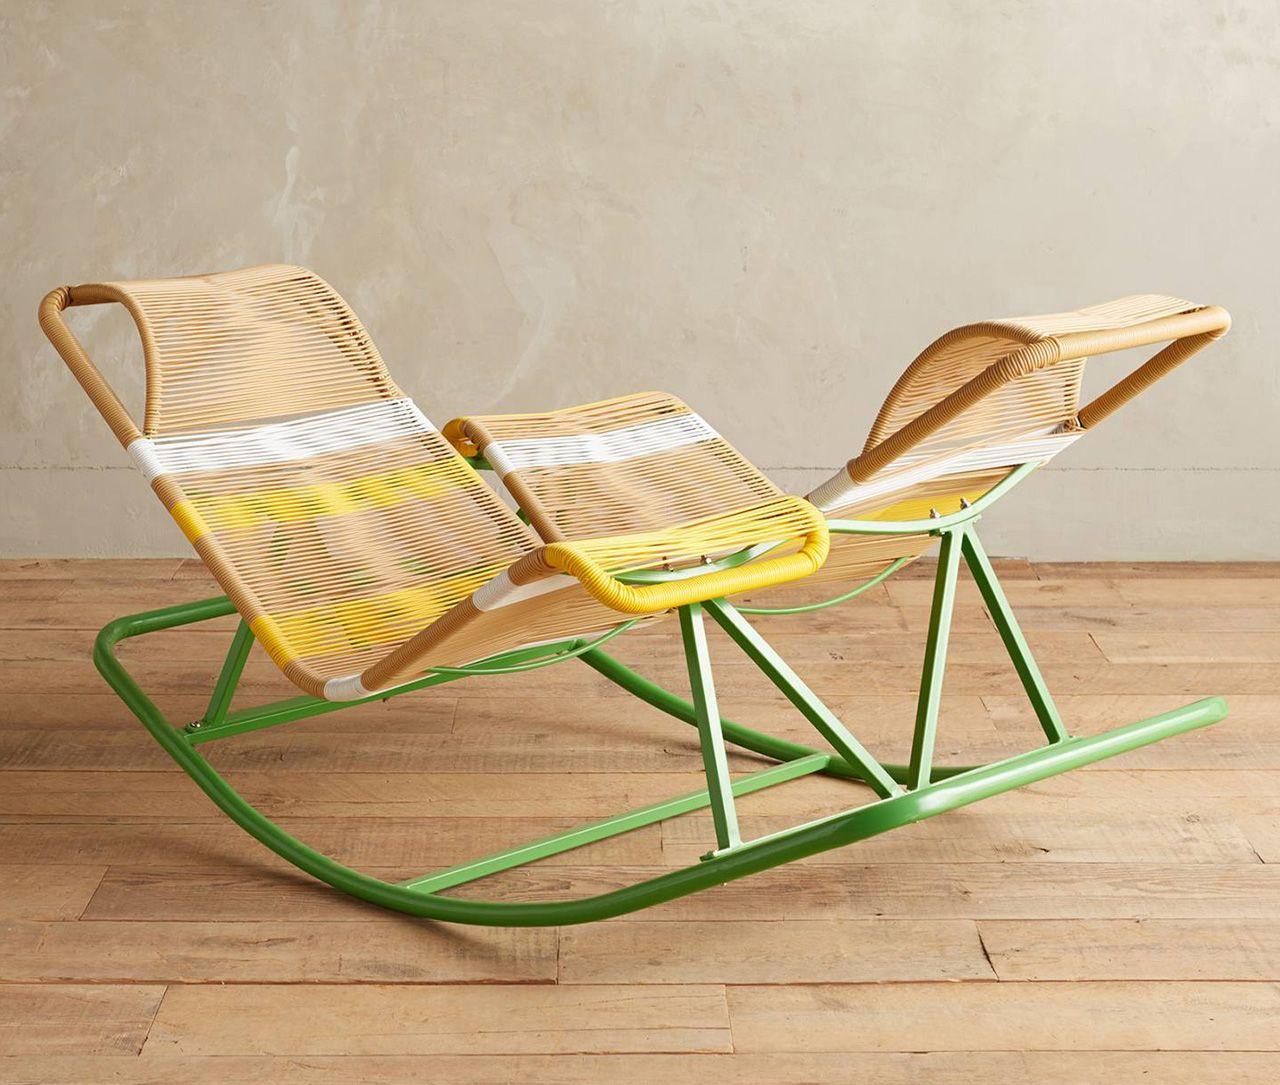 double rocking chair via goodmoods designimages idées pinterest